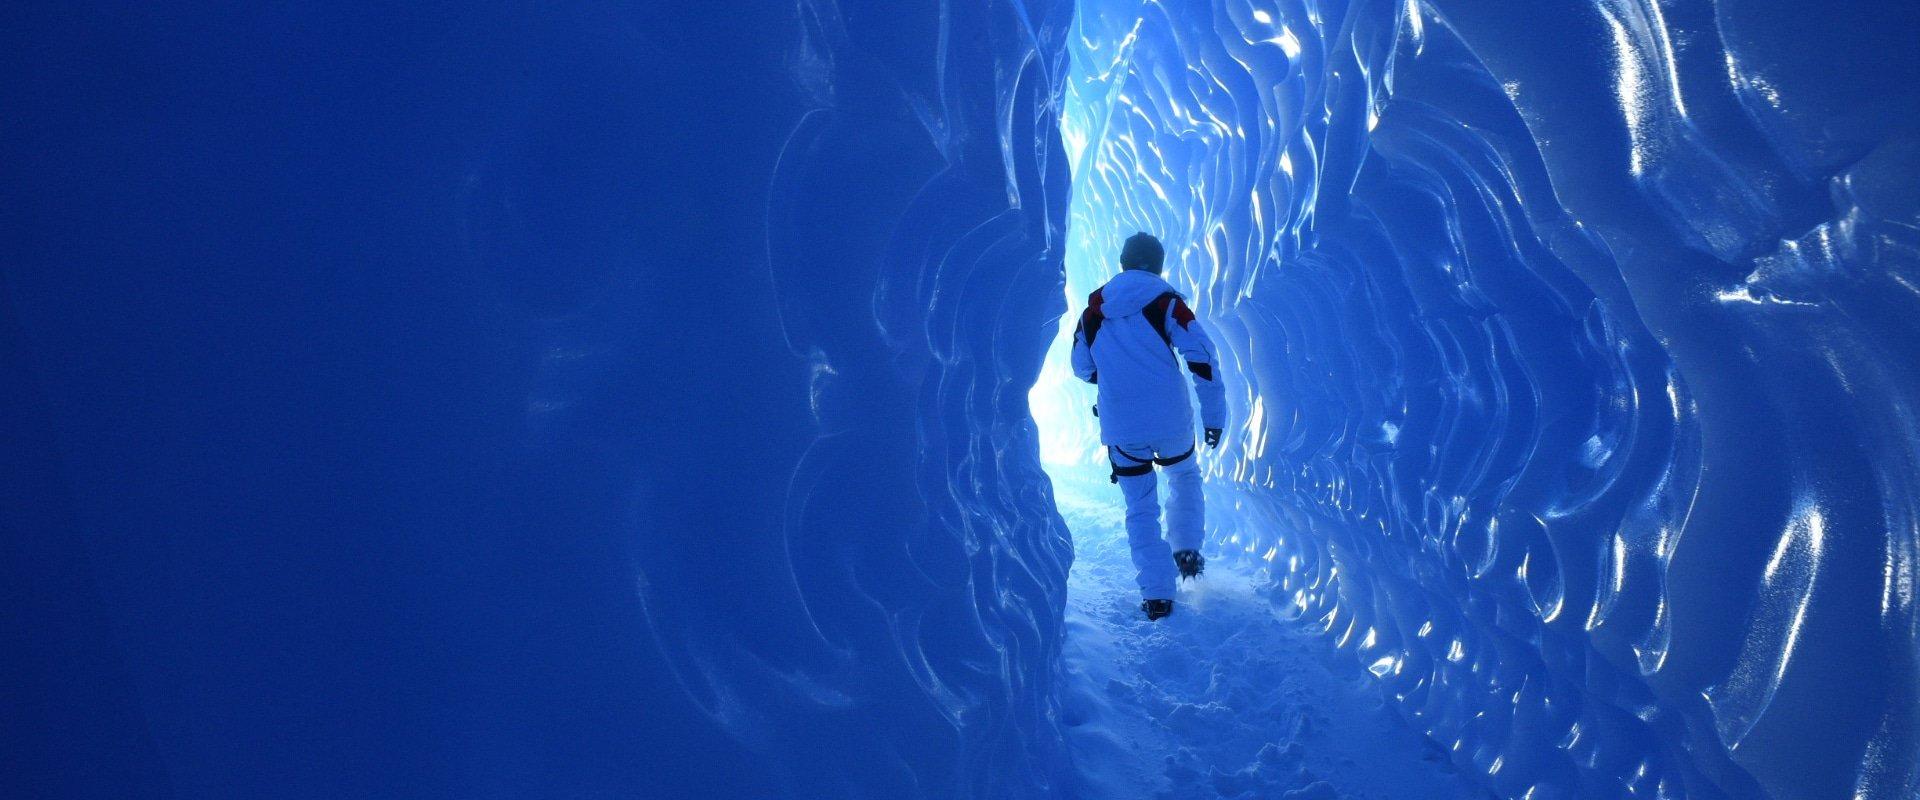 24 Hours to Antarctica